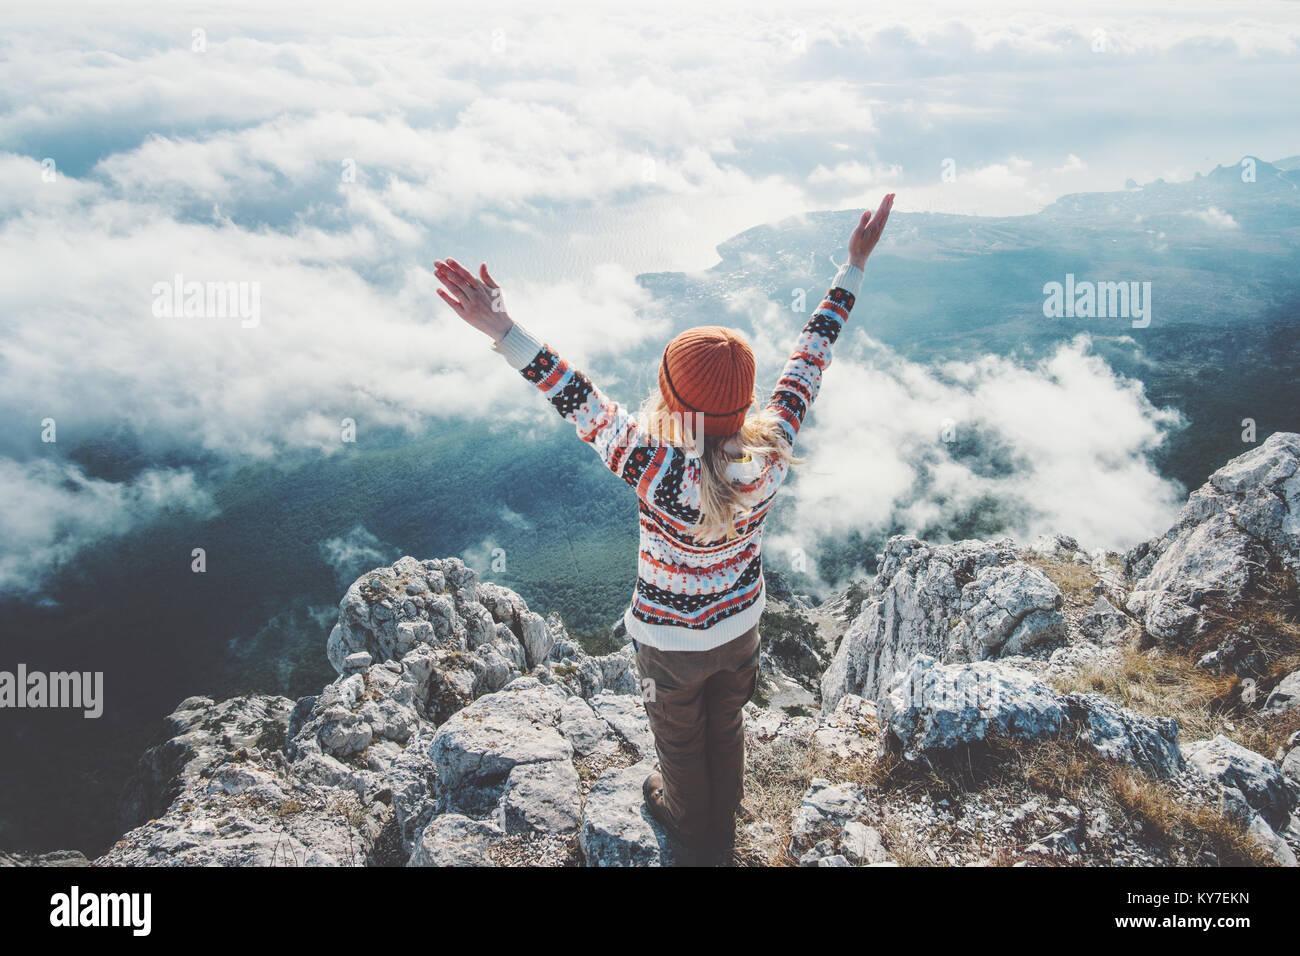 Happy woman traveler sur sommet de montagne les mains levées au-dessus des nuages de Vie Voyage aventure concept Photo Stock